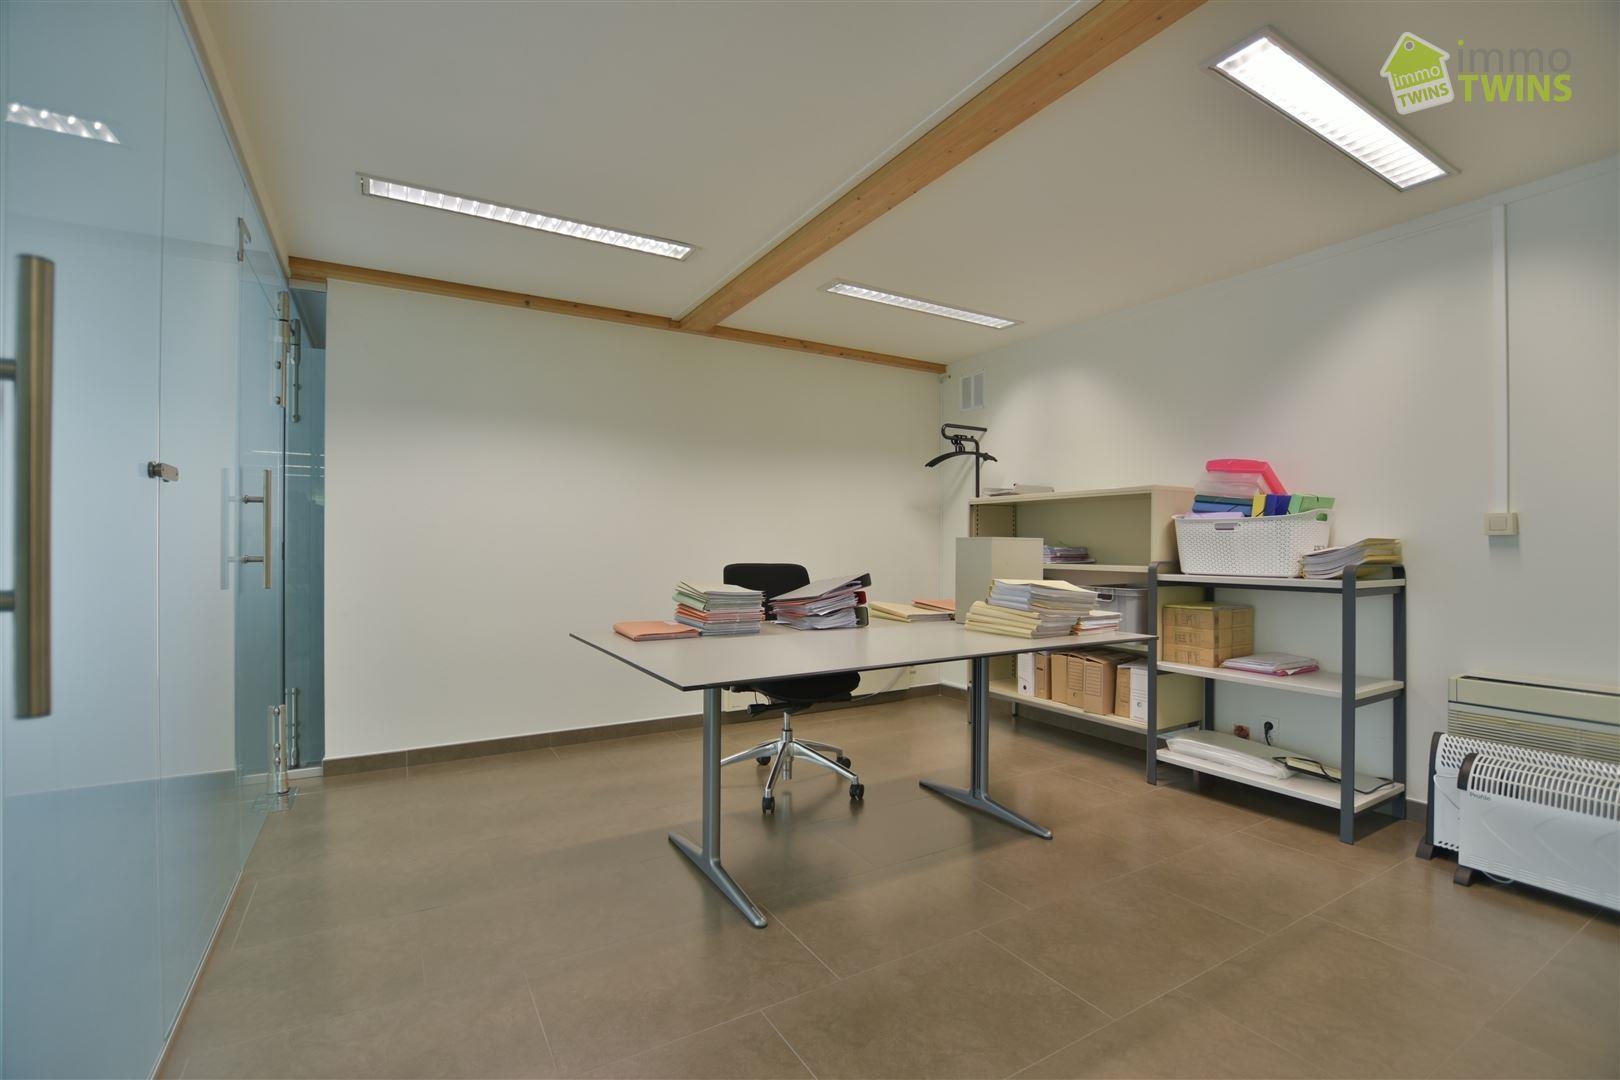 Foto 7 : Kantoorruimte te 9200 DENDERMONDE (België) - Prijs € 2.500